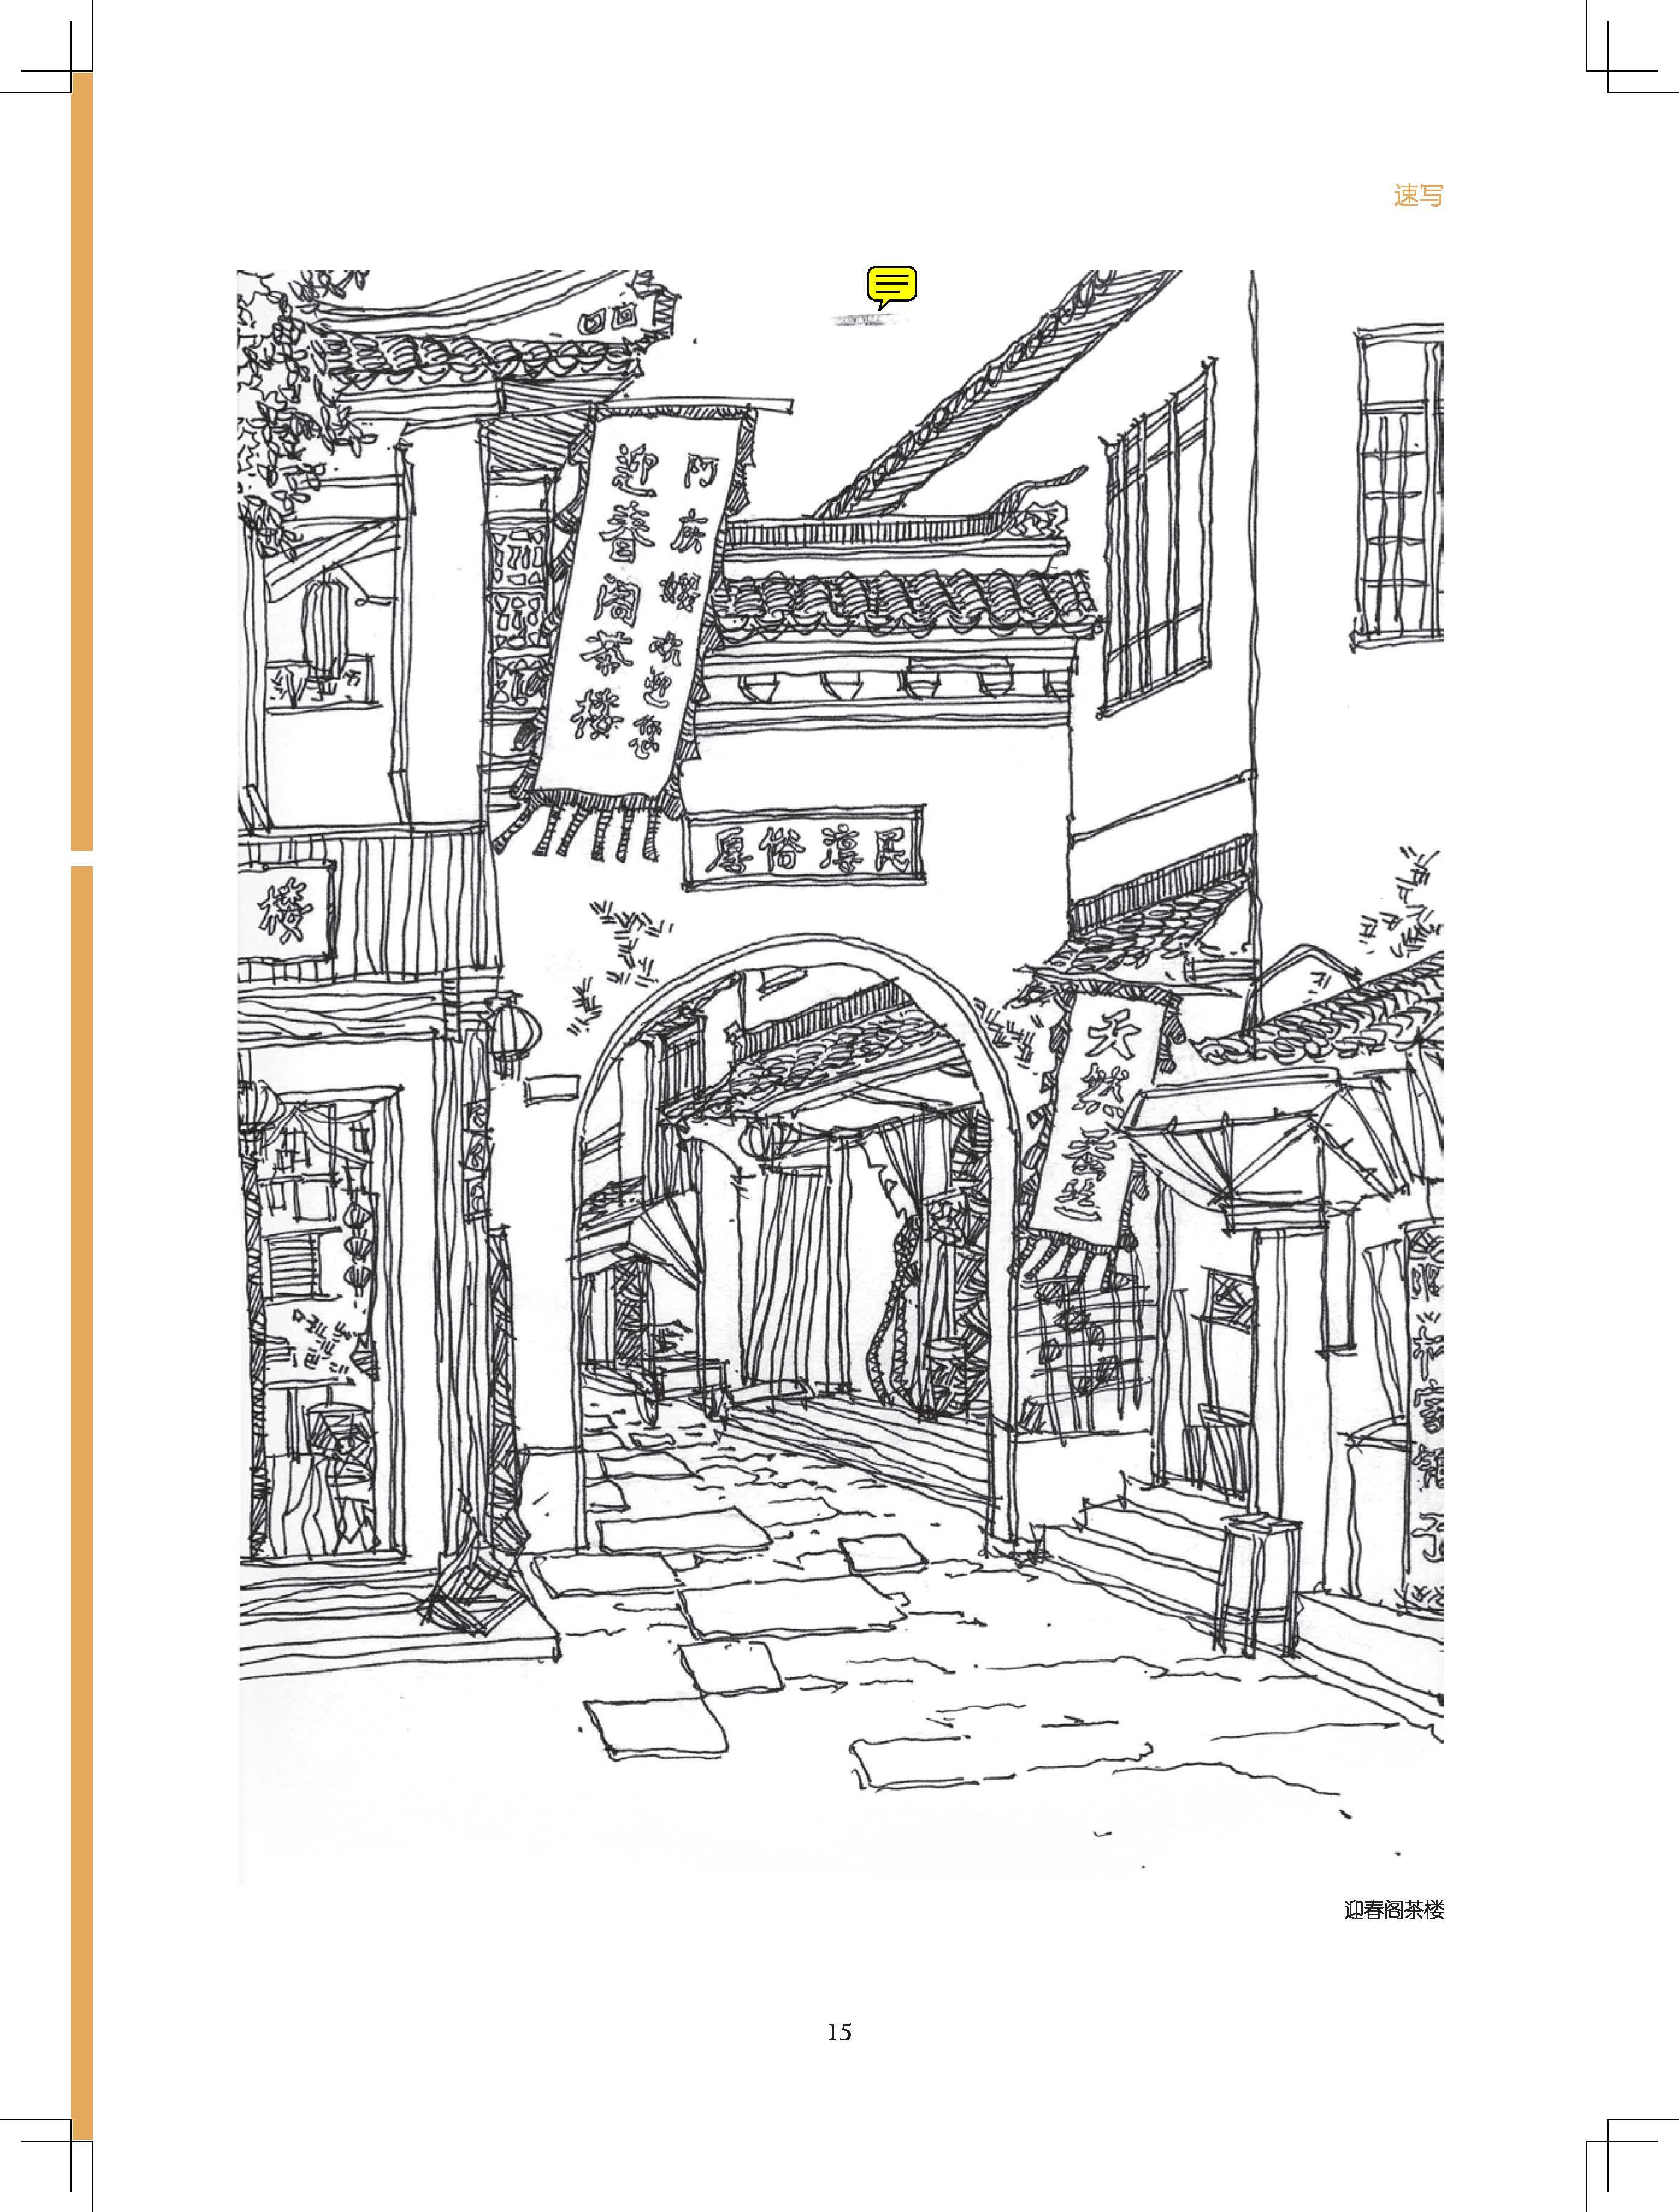 景观元素3 从手绘设计基础到考研. 中国古建筑之旅——江.